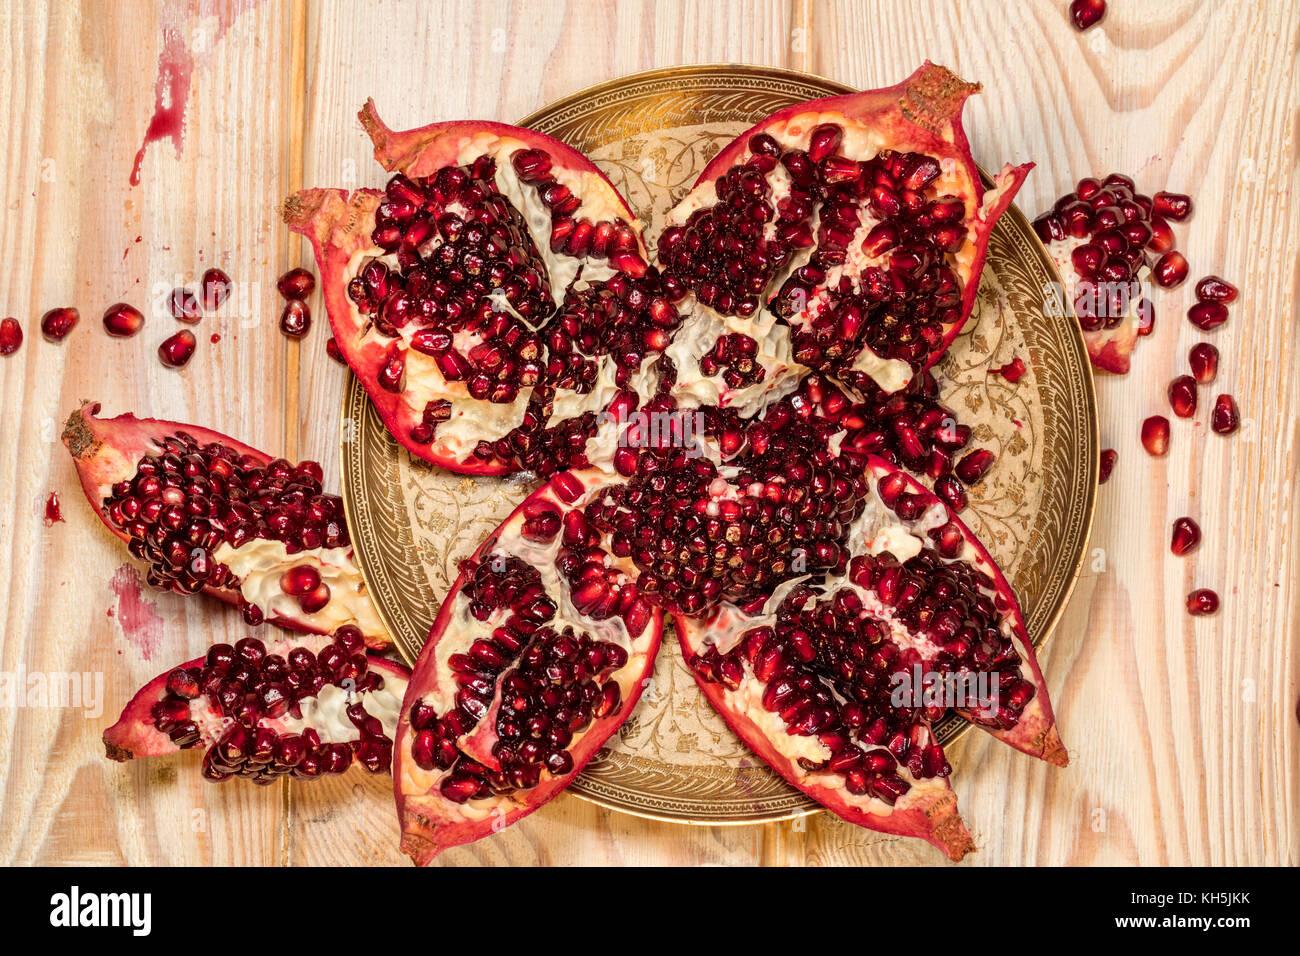 Ansicht von oben reifer Granatapfel Obst auf hölzernen Hintergrund Stockbild